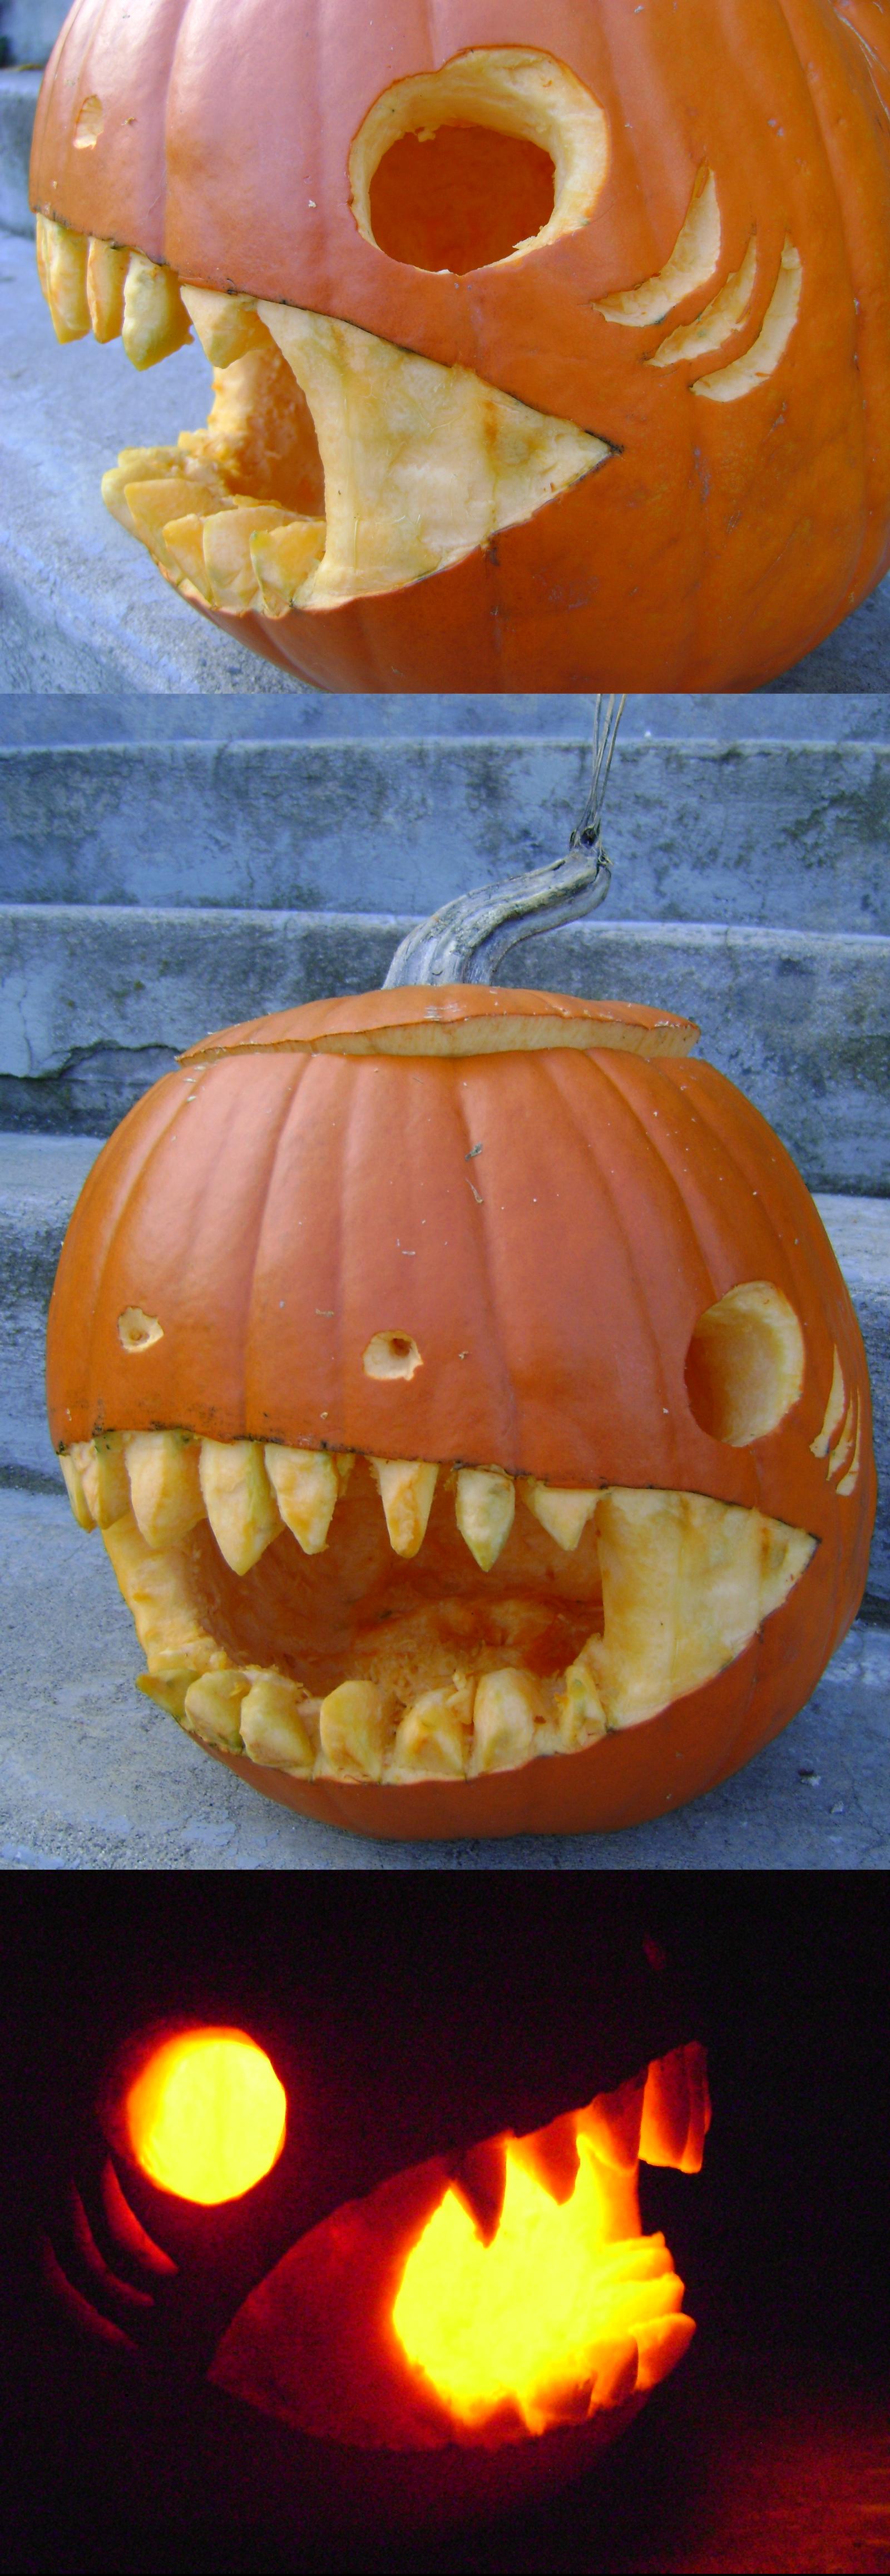 Shark Pumpkin by DeathPhantom